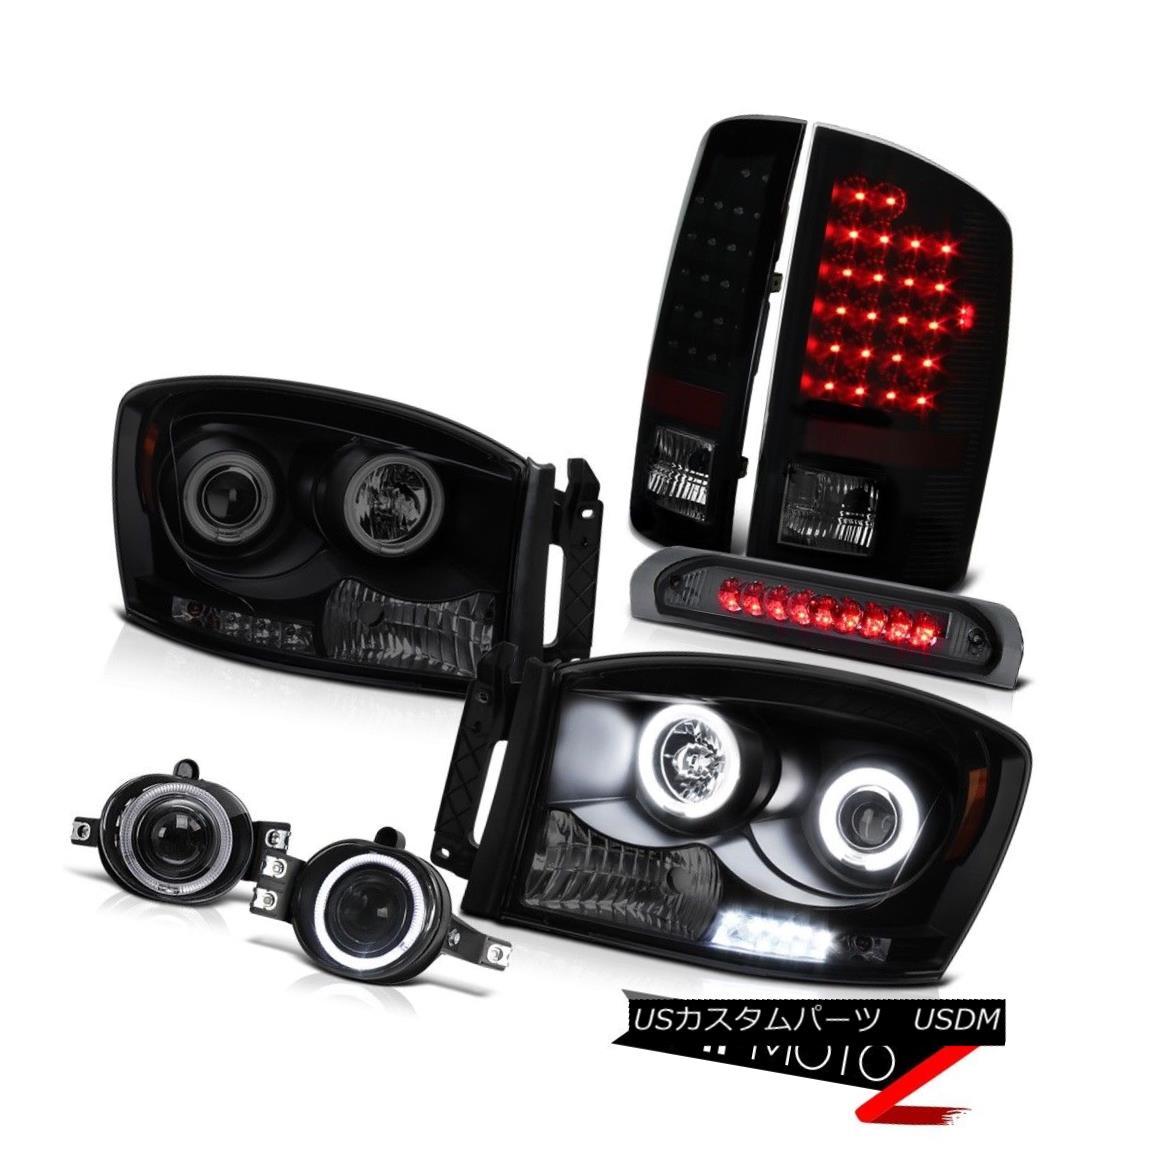 ヘッドライト Dodge Ram Laramie Halo Rim CCFL Headlights LED SMD DRL Foglights 3RD Brake Lamps ドッジラムララミーハローリムCCFLヘッドライトLED SMD DRLフォグライト3RDブレーキランプ